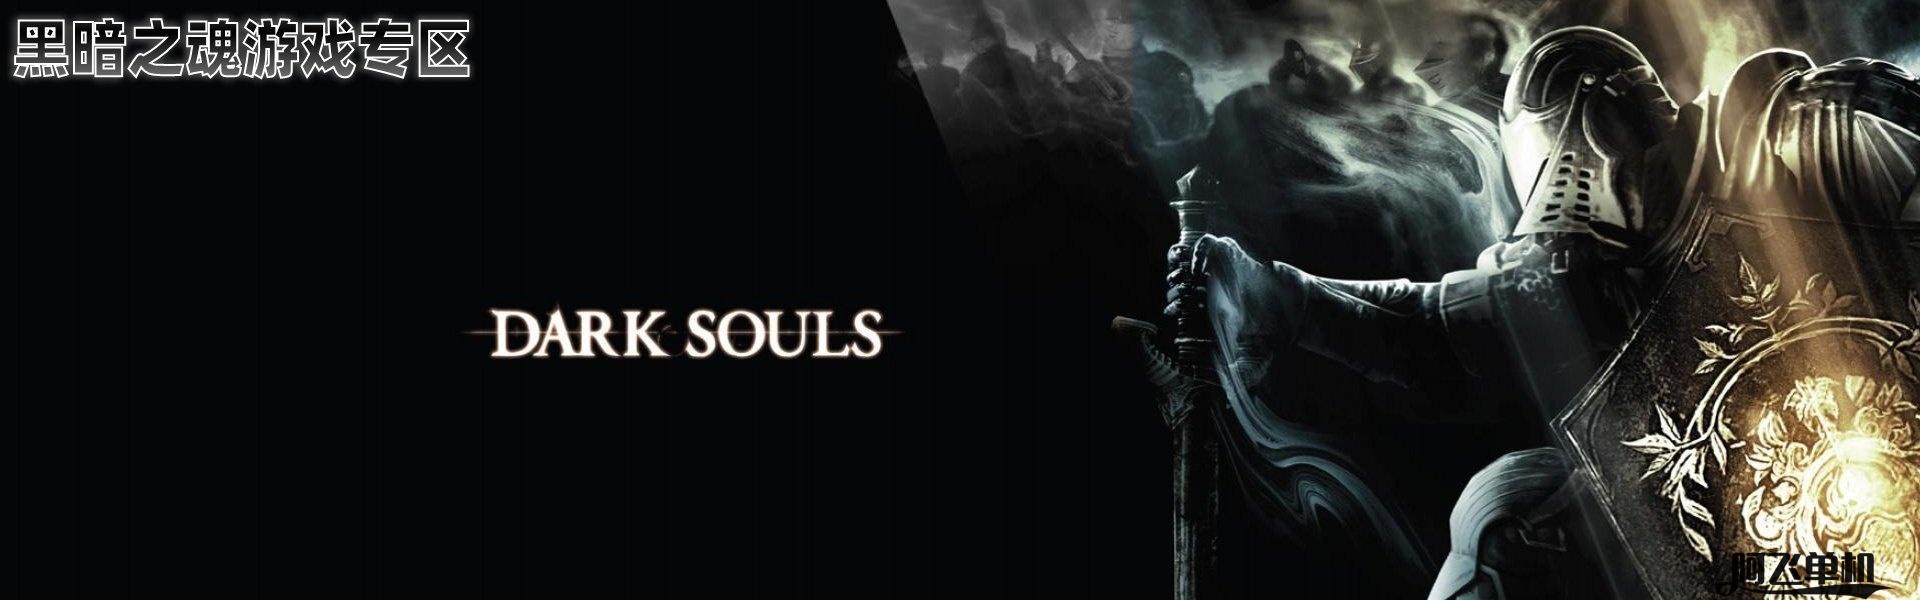 黑暗之魂游戏专区